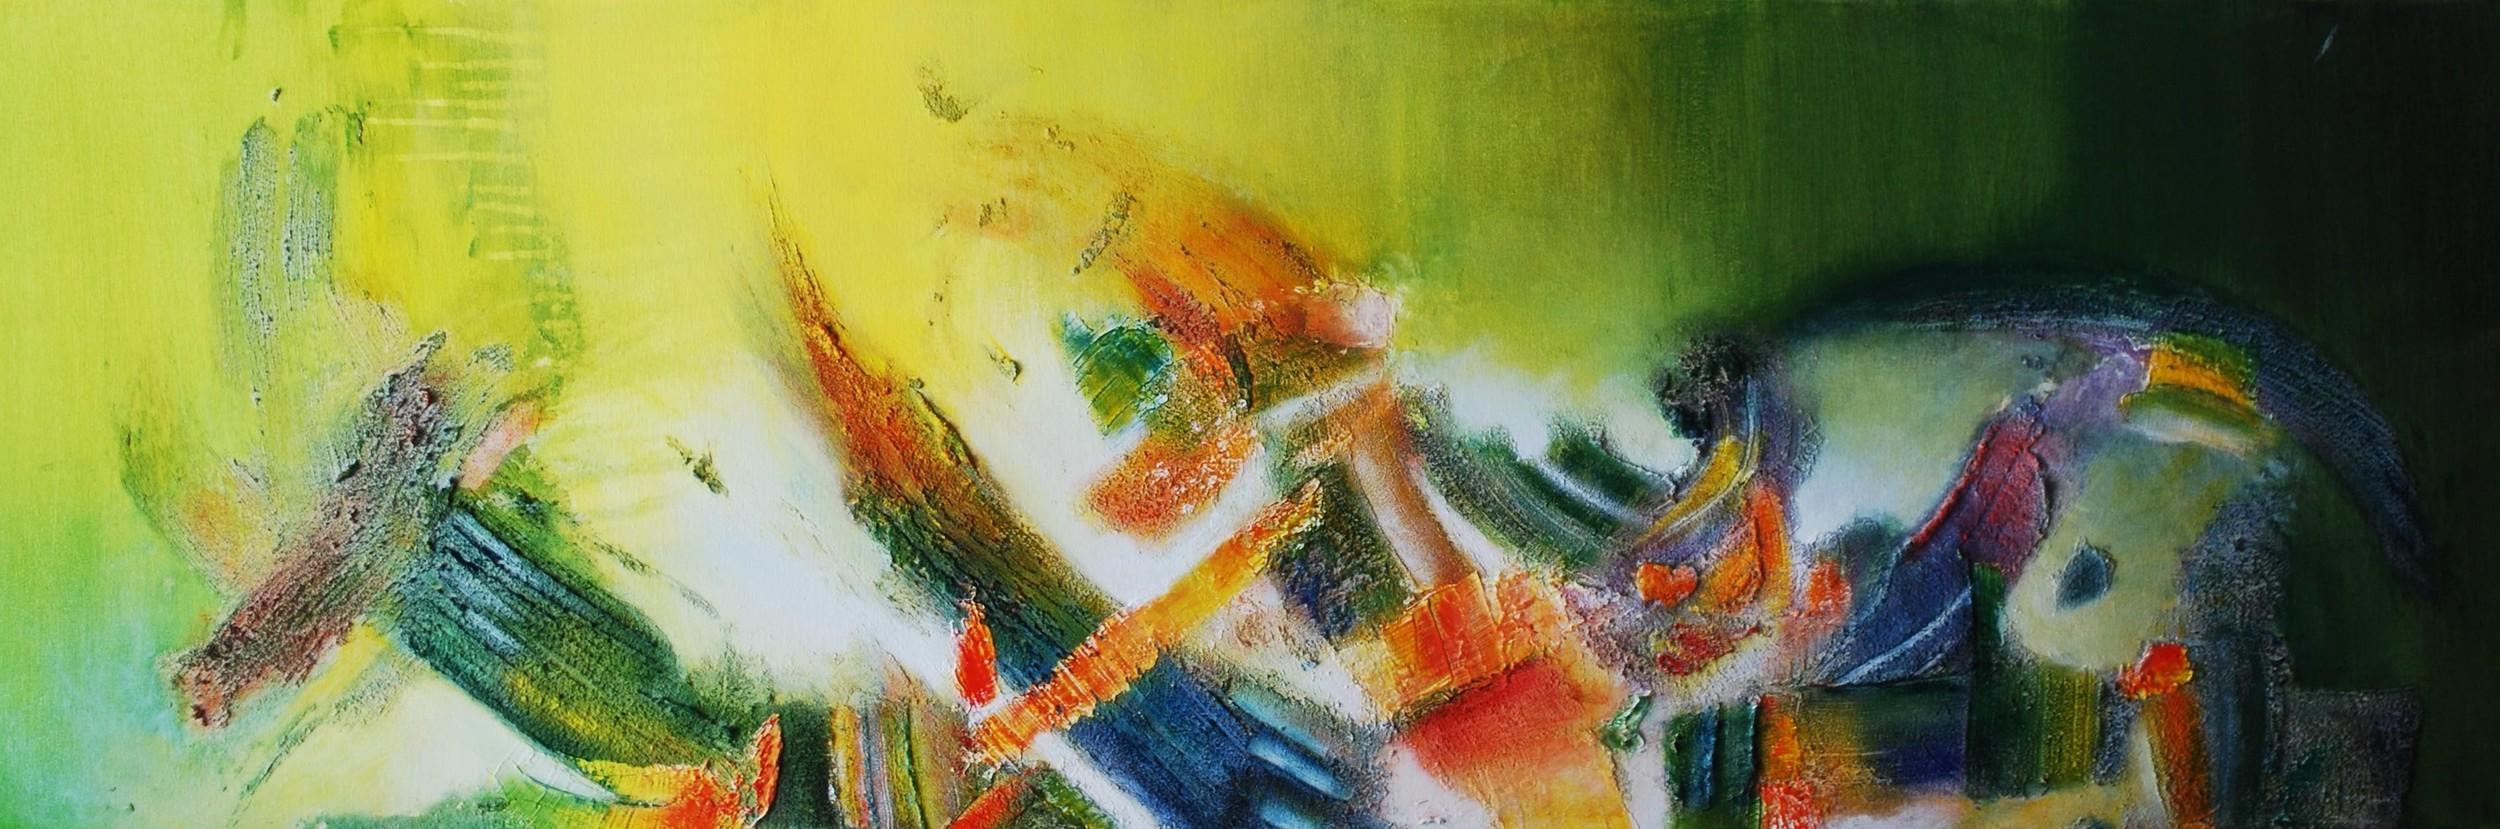 Anfitrión de Tierras I.120 x 40 cm Sold / Vendido